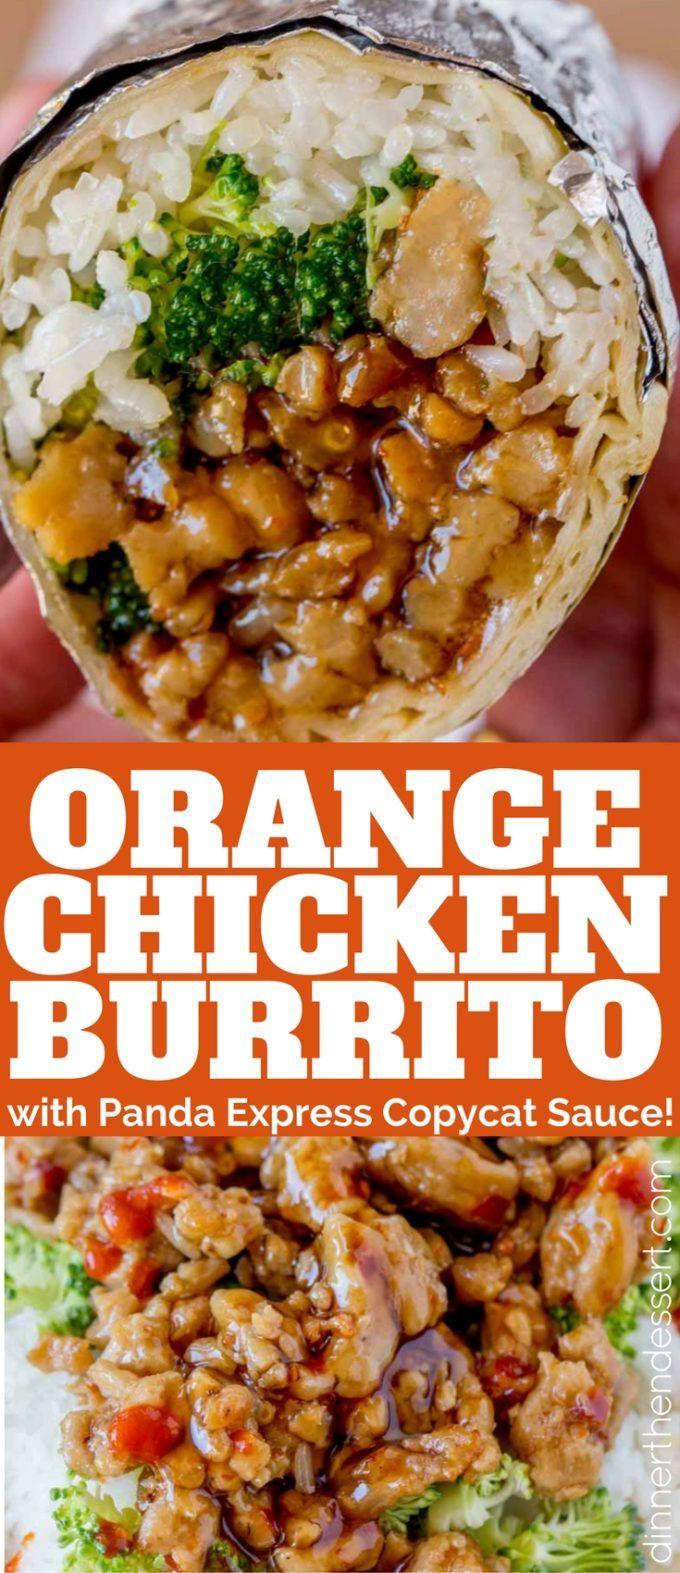 Hf ideas parrillas y asados - Orange Chicken Burrito